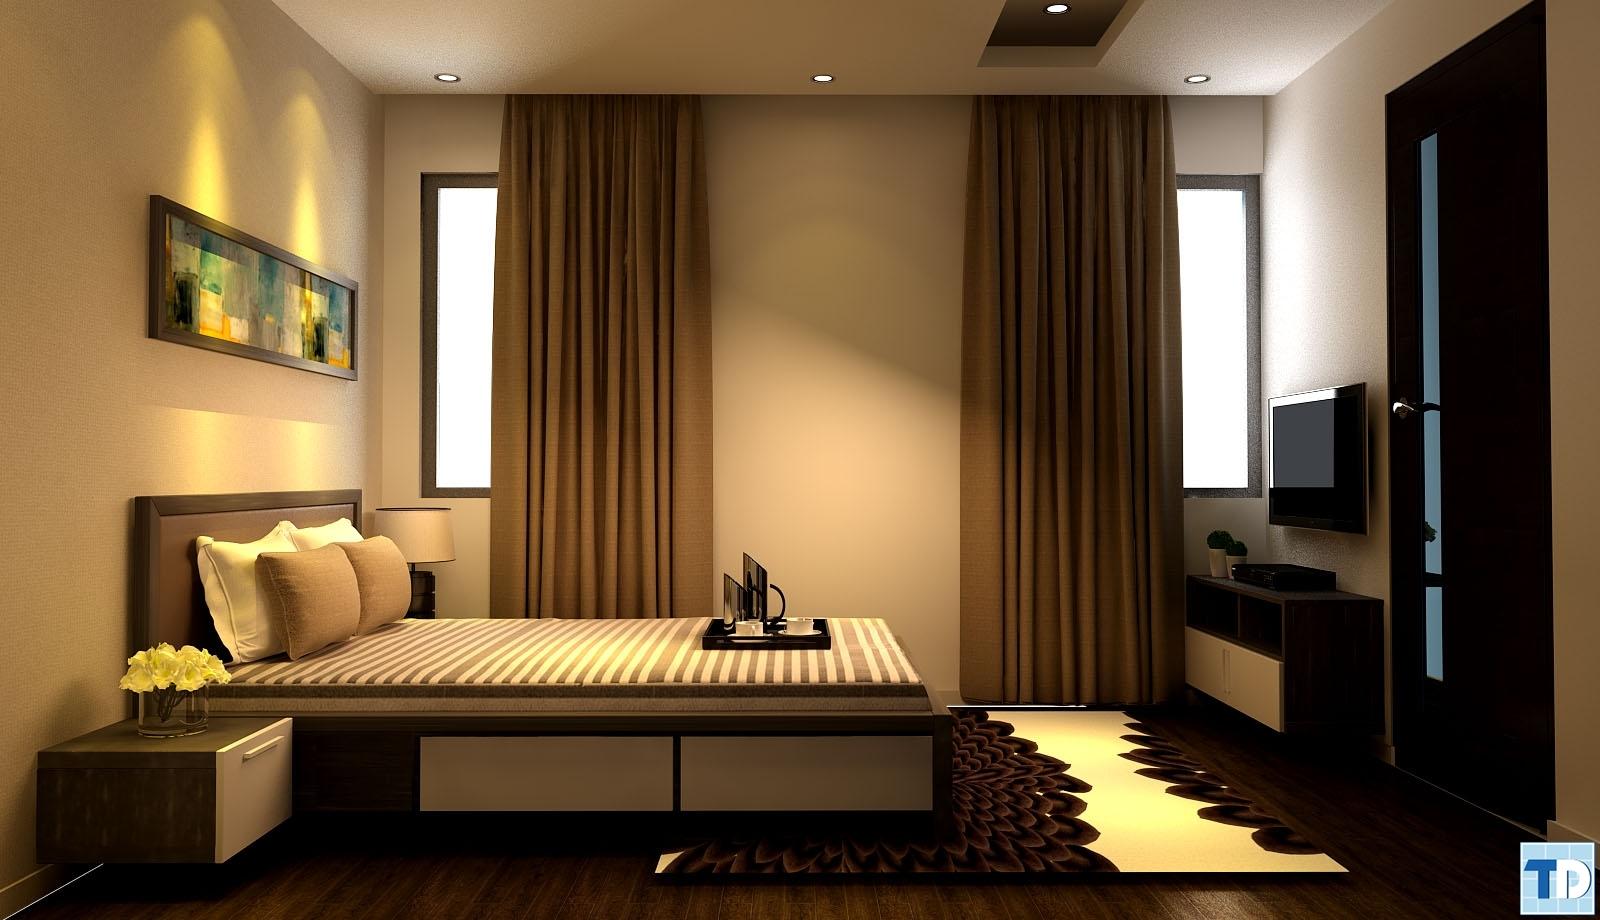 Phòng ngủ đẹp mắt với sàn gỗ nâu óc chó